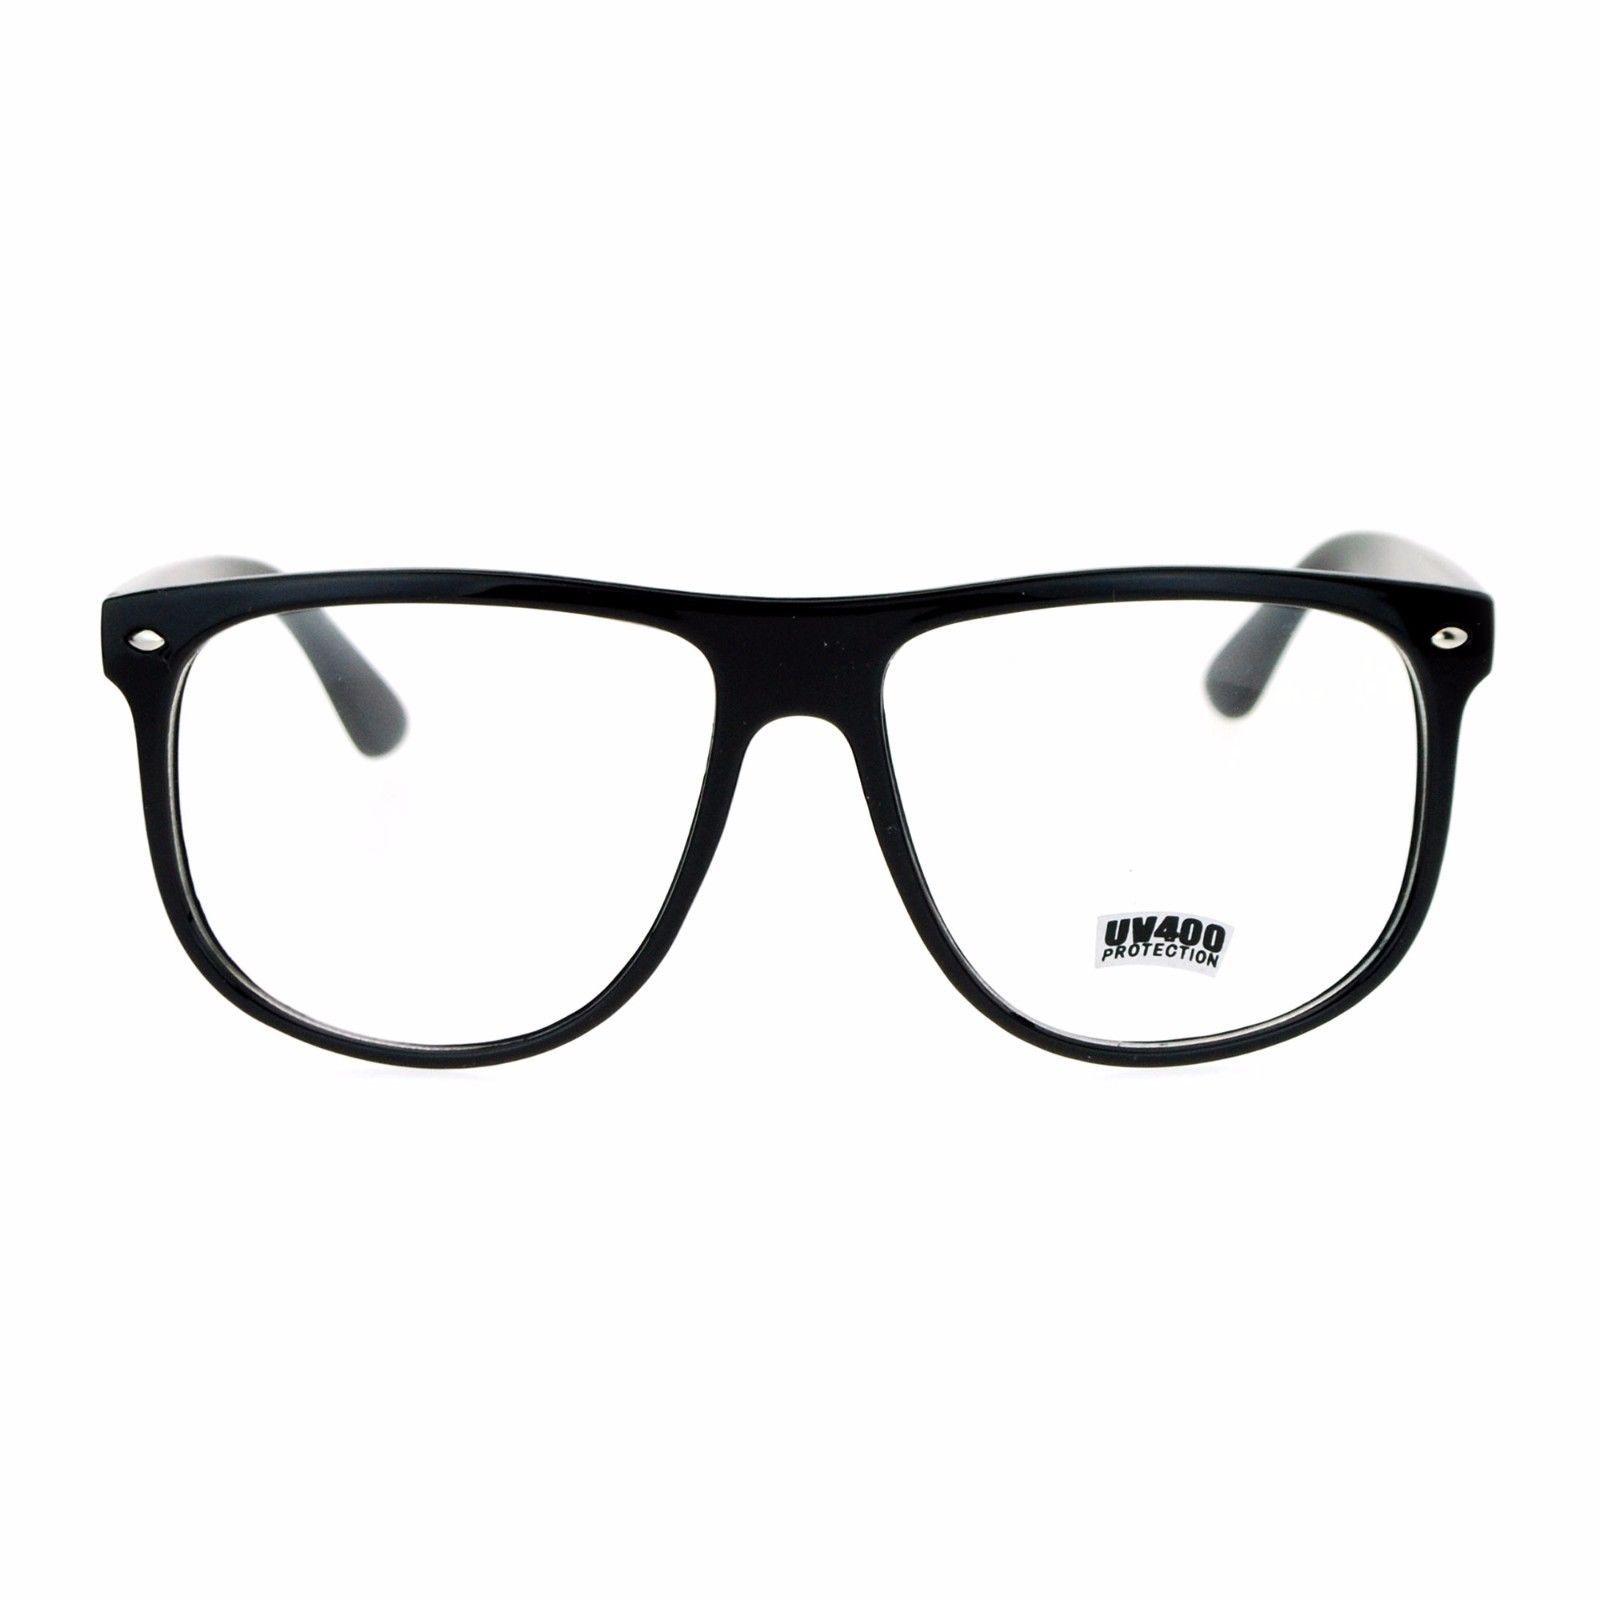 Clear Lens Eyeglasses Unisex Designer Fashion Glasses Frames UV 400